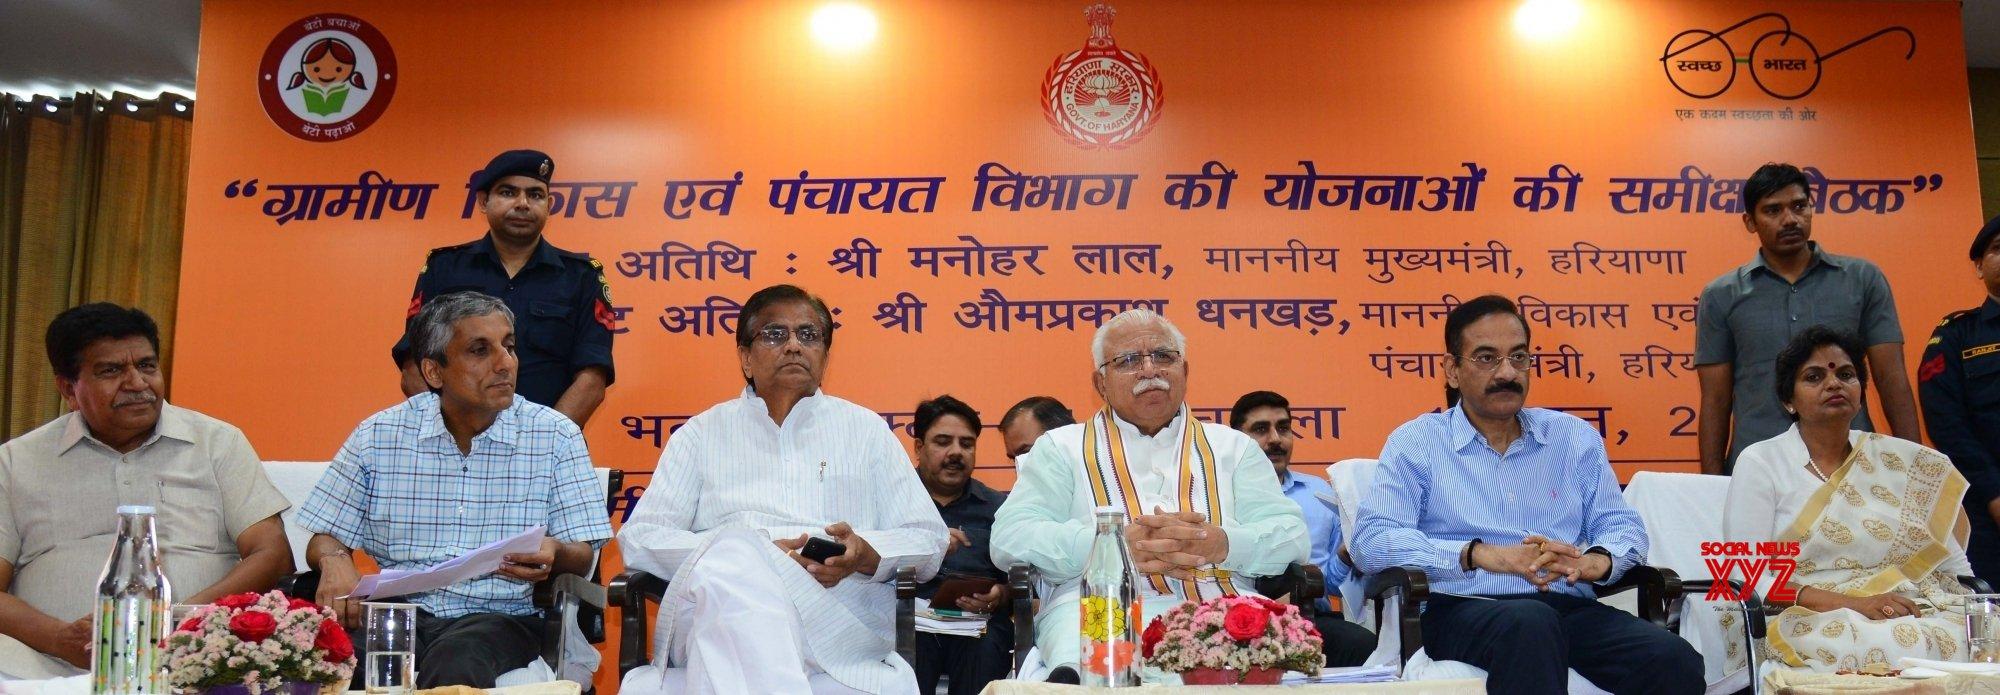 Chandigarh: Manohar Lal Khattar reviews development schemes of the Department of Rural Development and Panchayats #Gallery